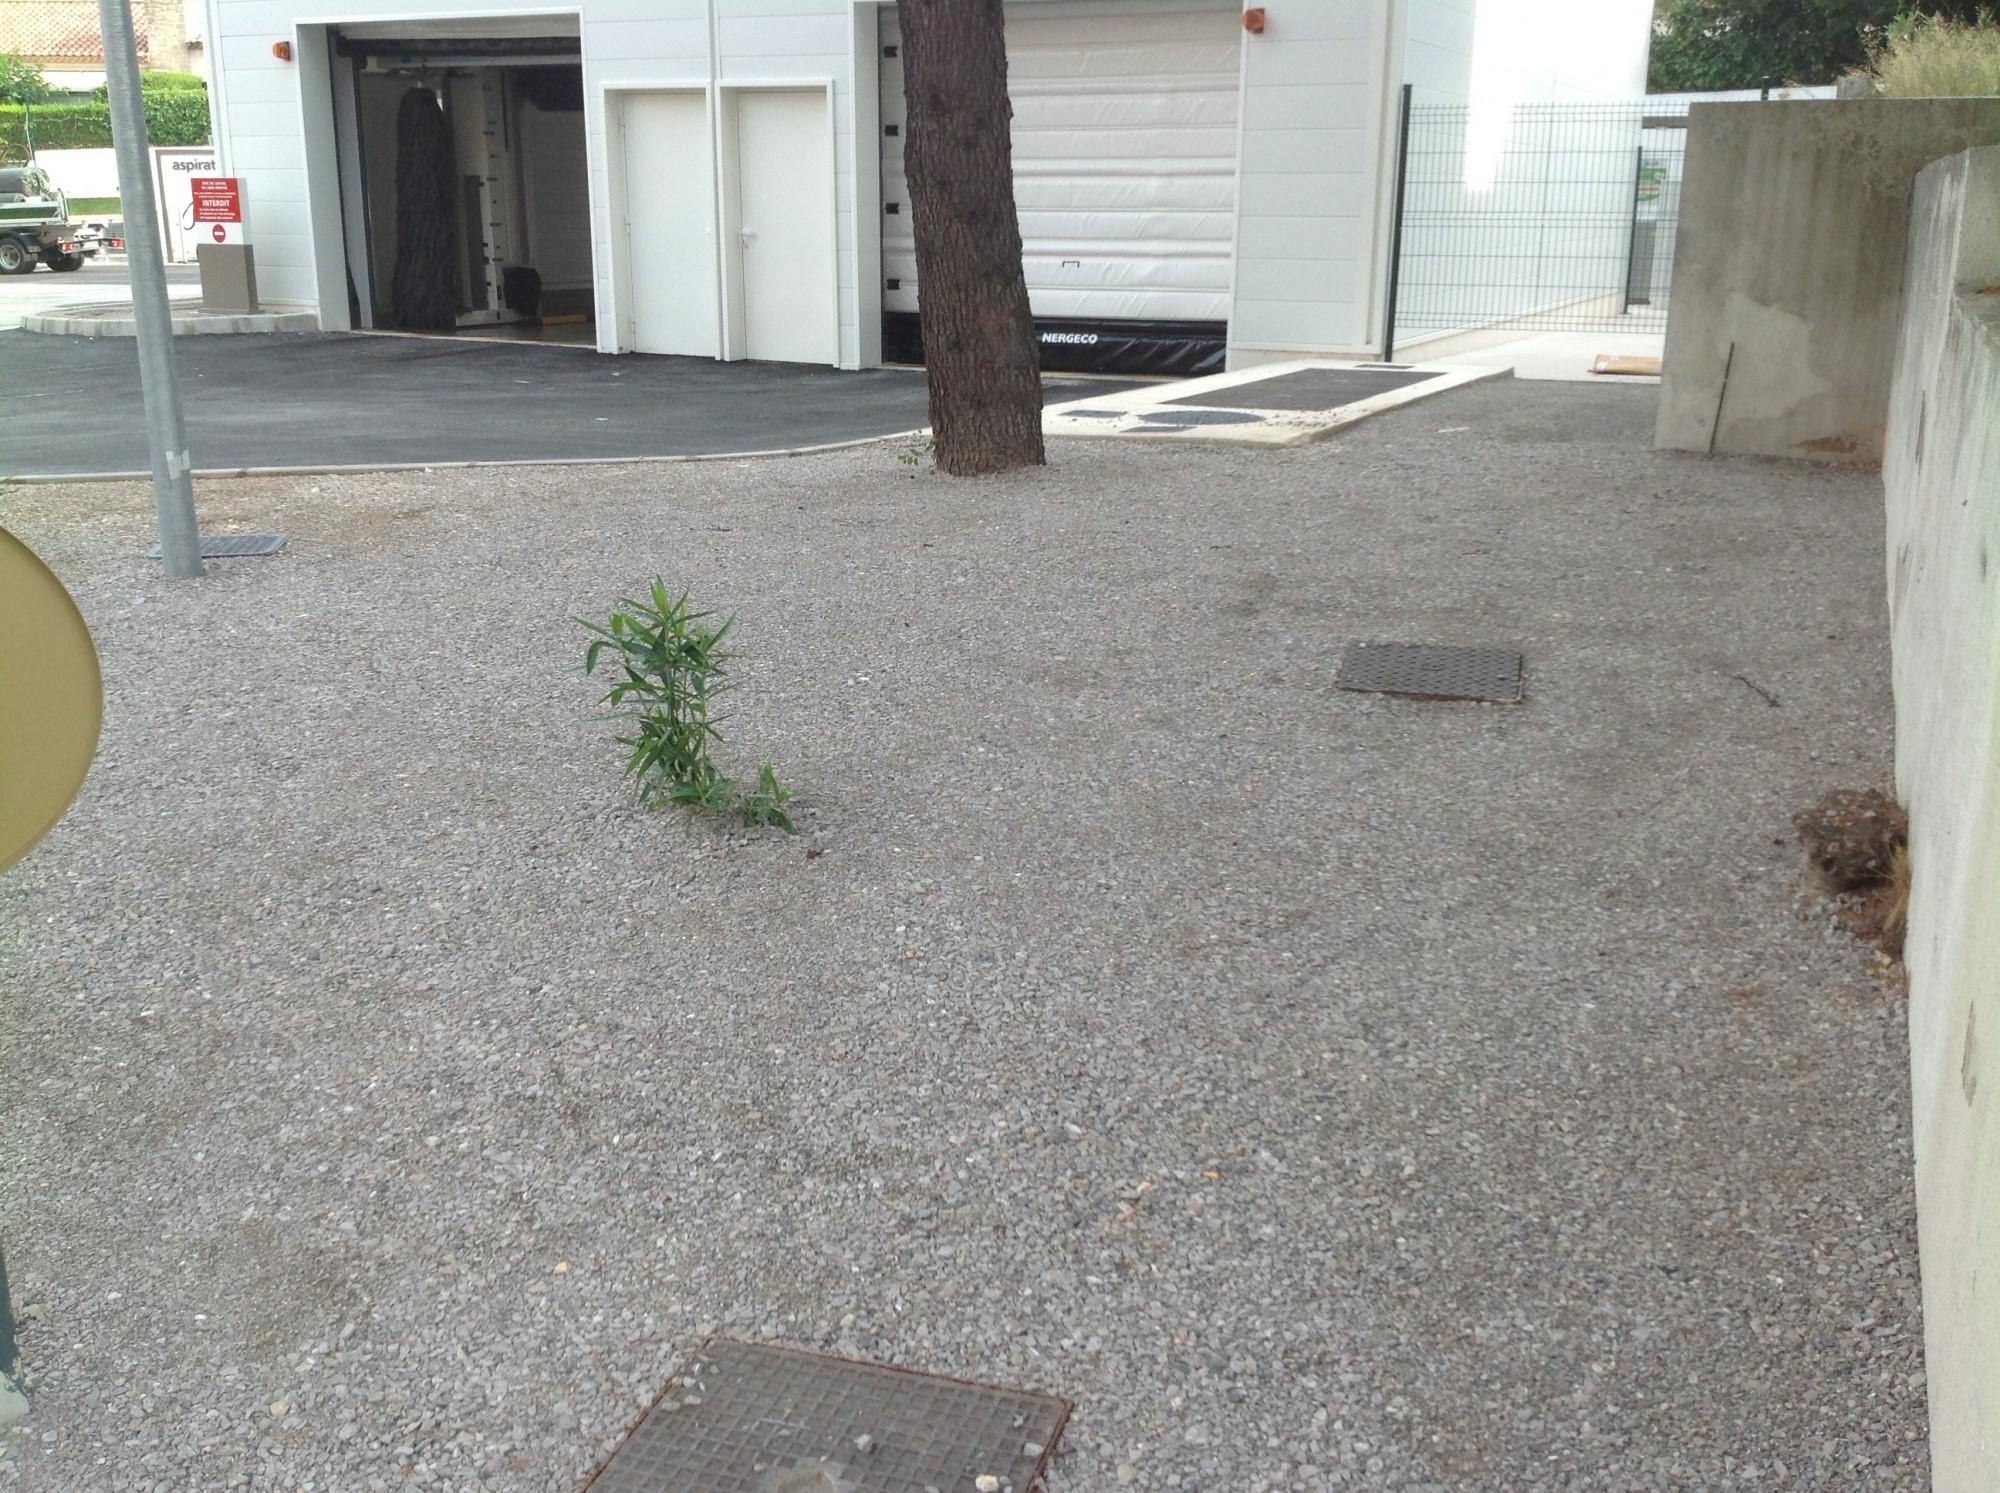 Univers gazons : spécialiste du gazon synthétique à Montpellier